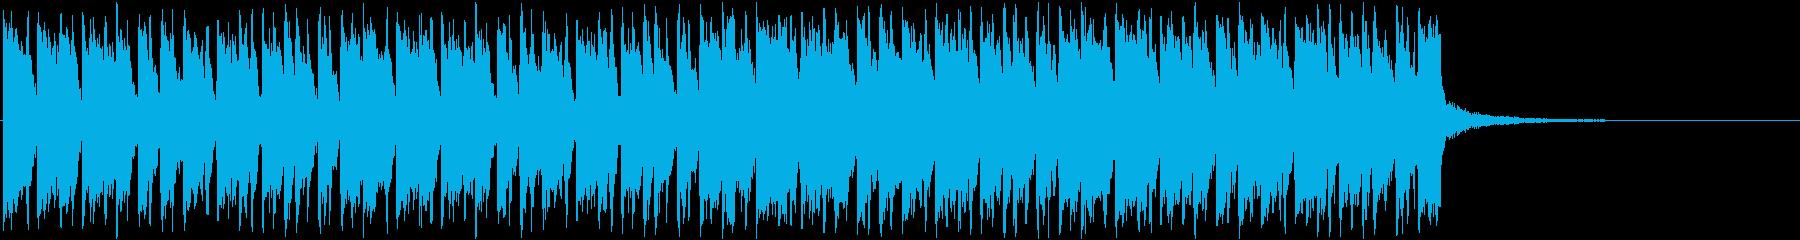 ギター/カラフル/シティーポップの再生済みの波形